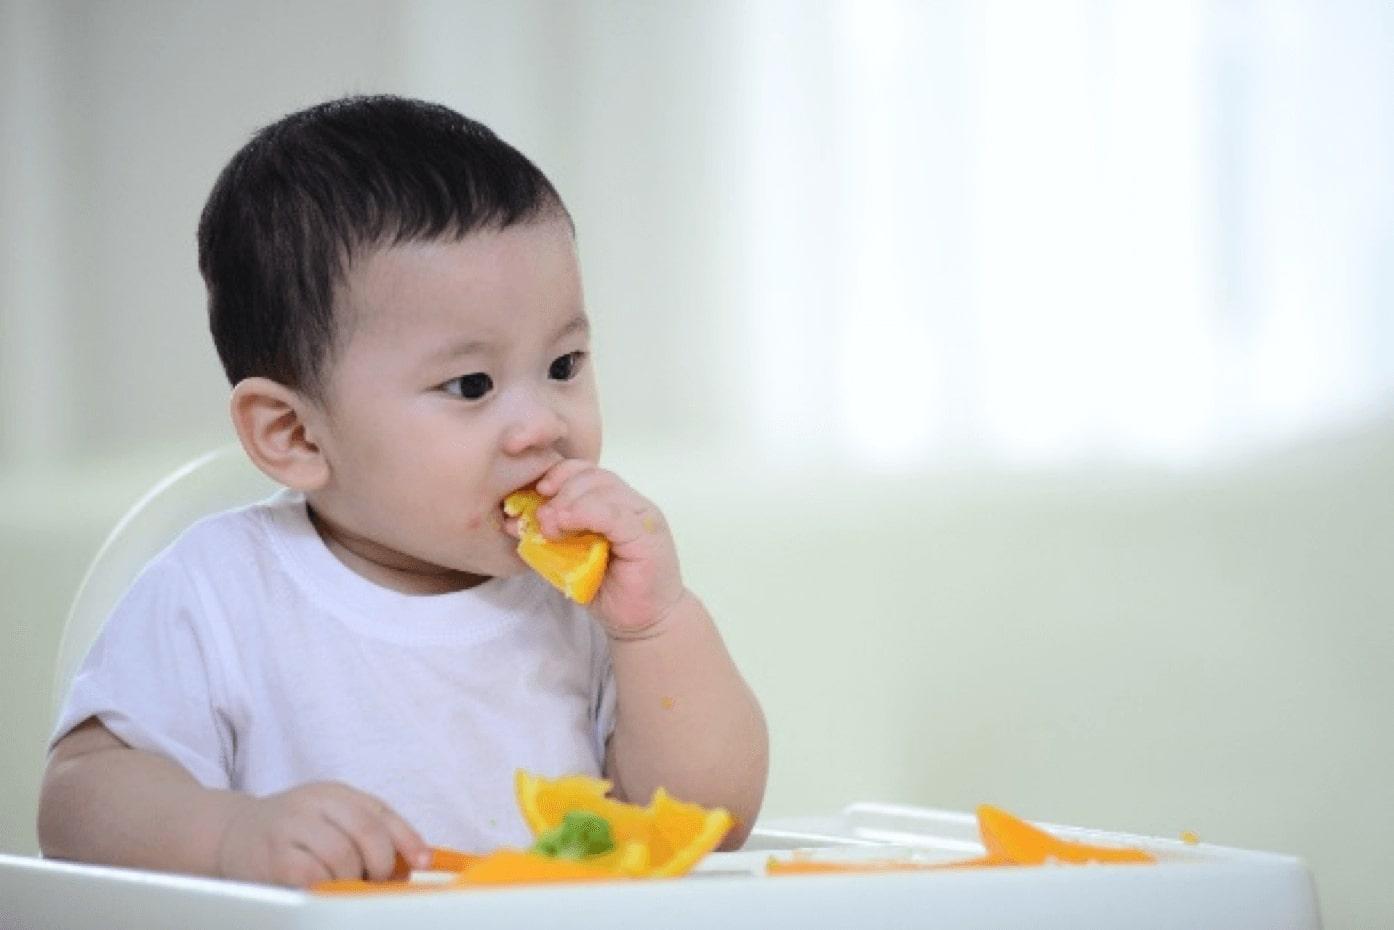 Phương pháp ăn dặm BLW mang đến rất nhiều lợi ích